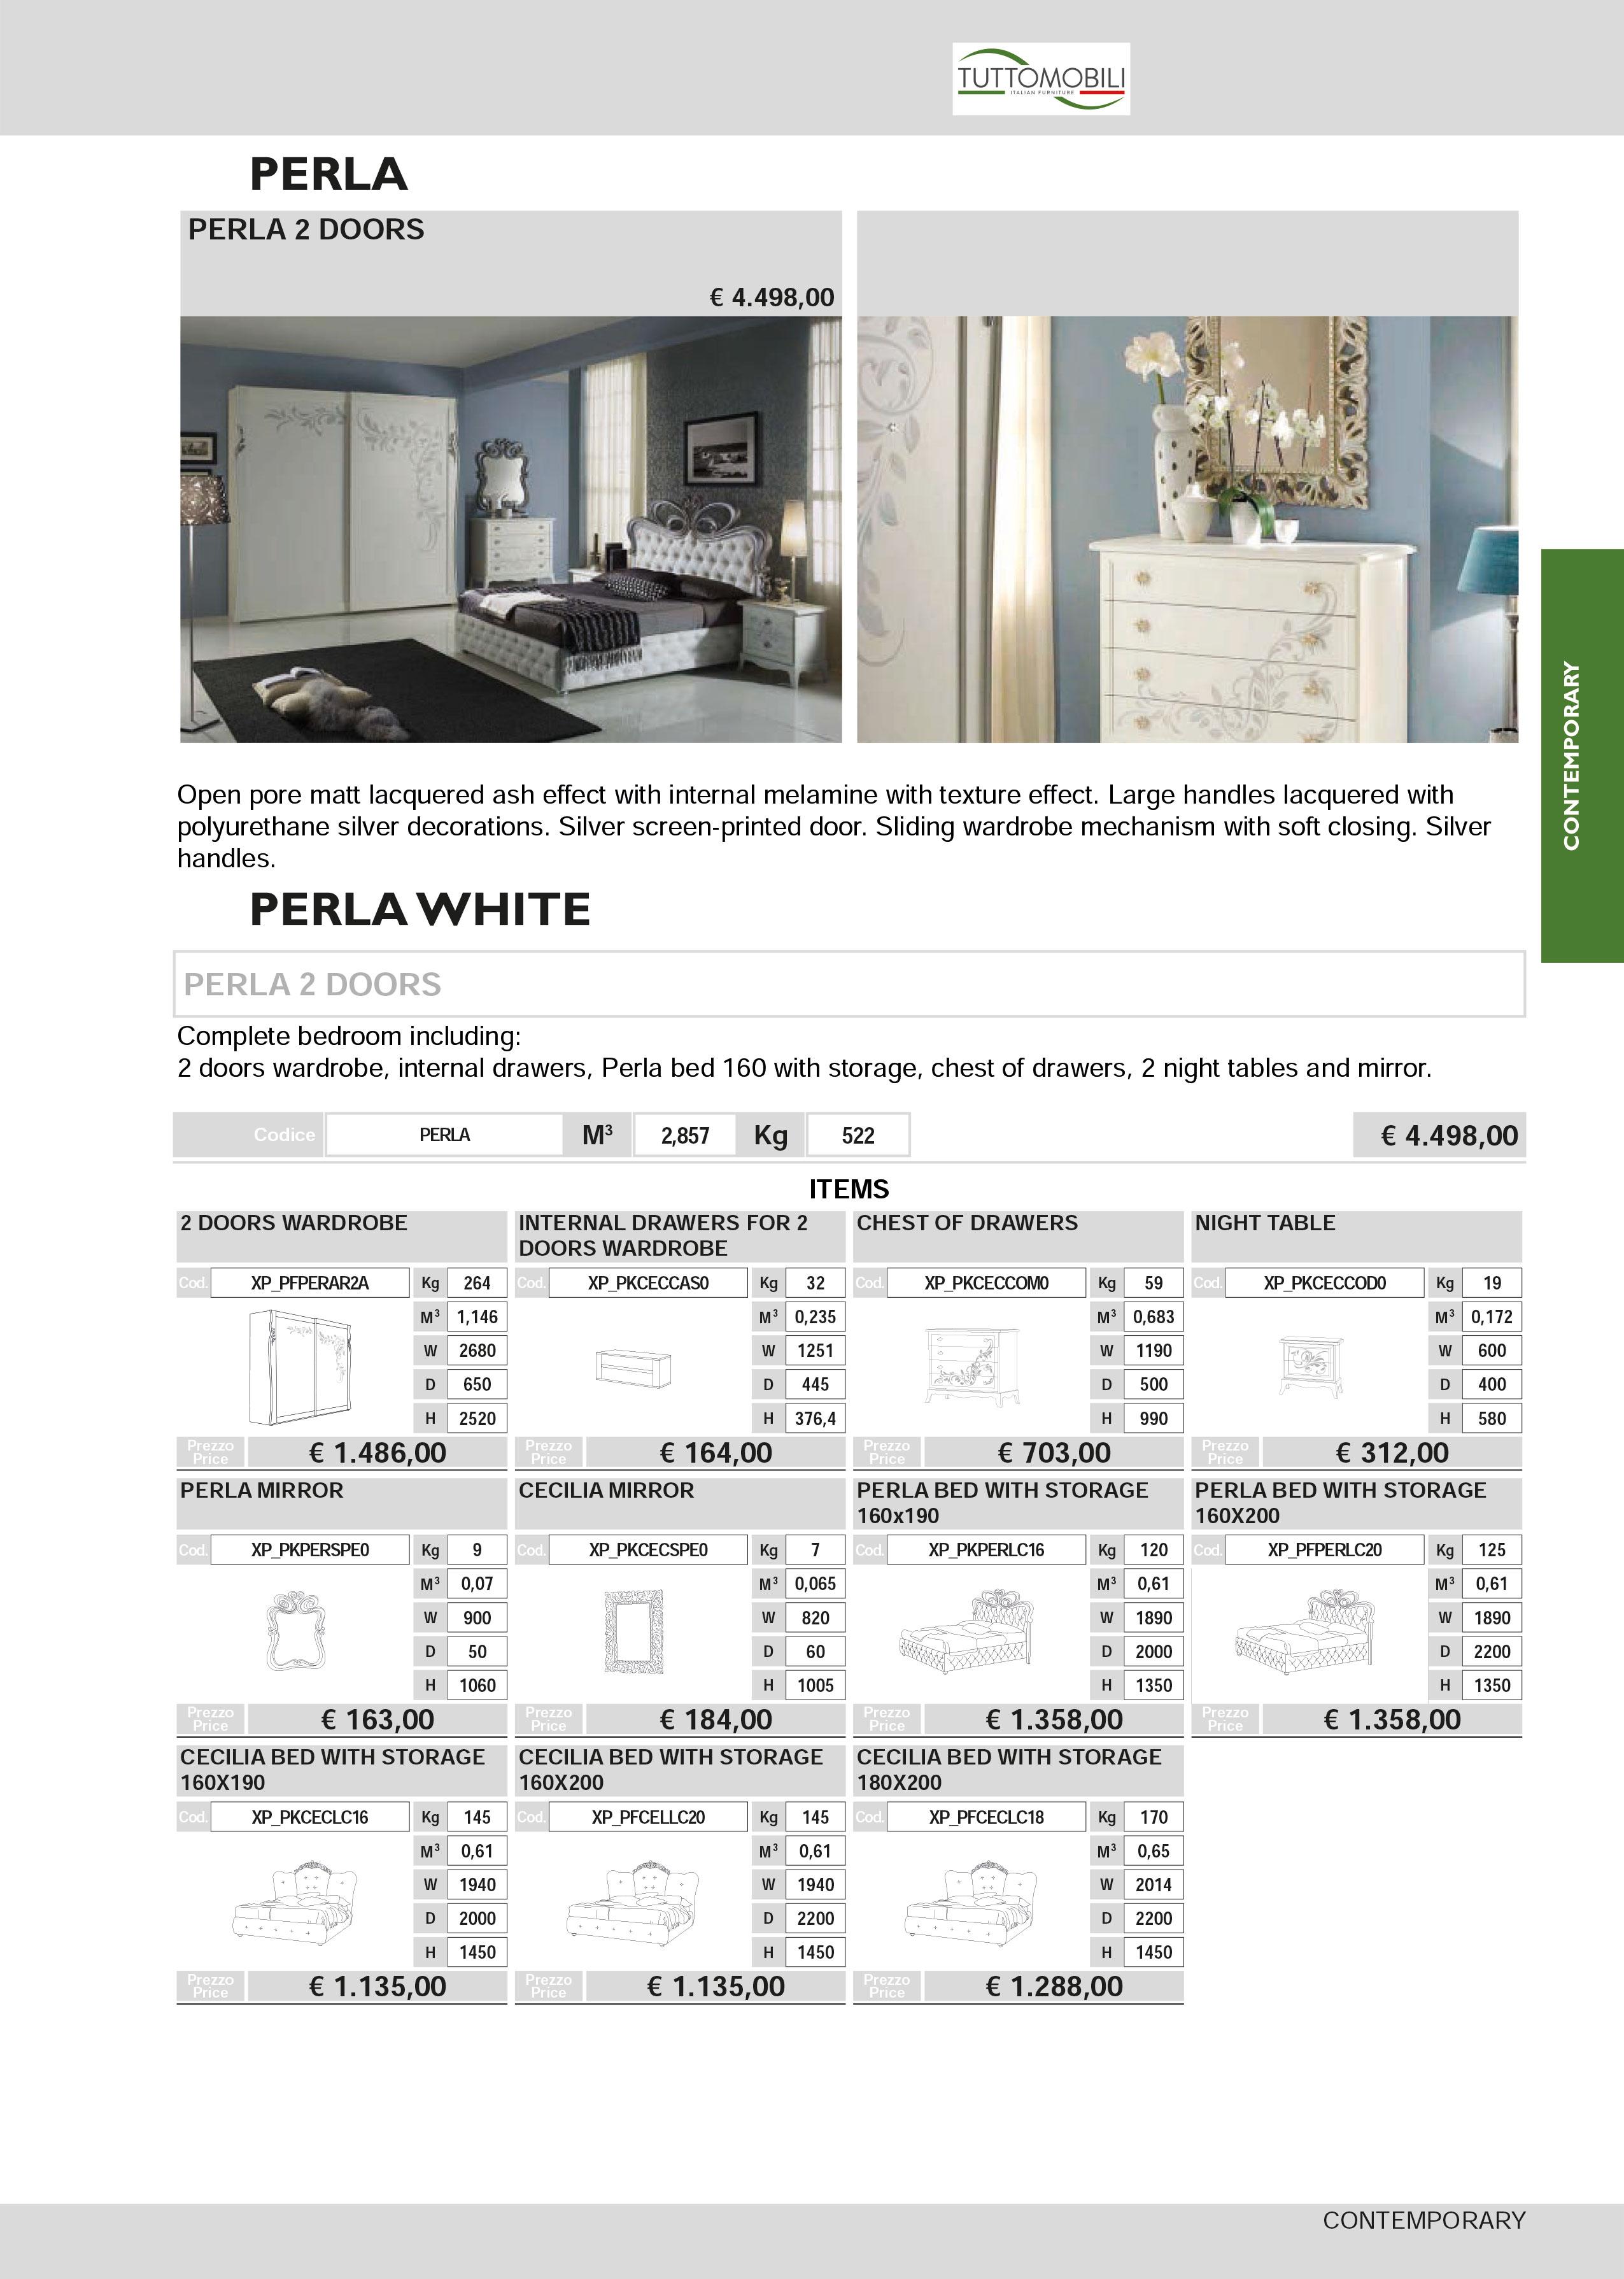 perla-weiss-schlafzimmer-preis